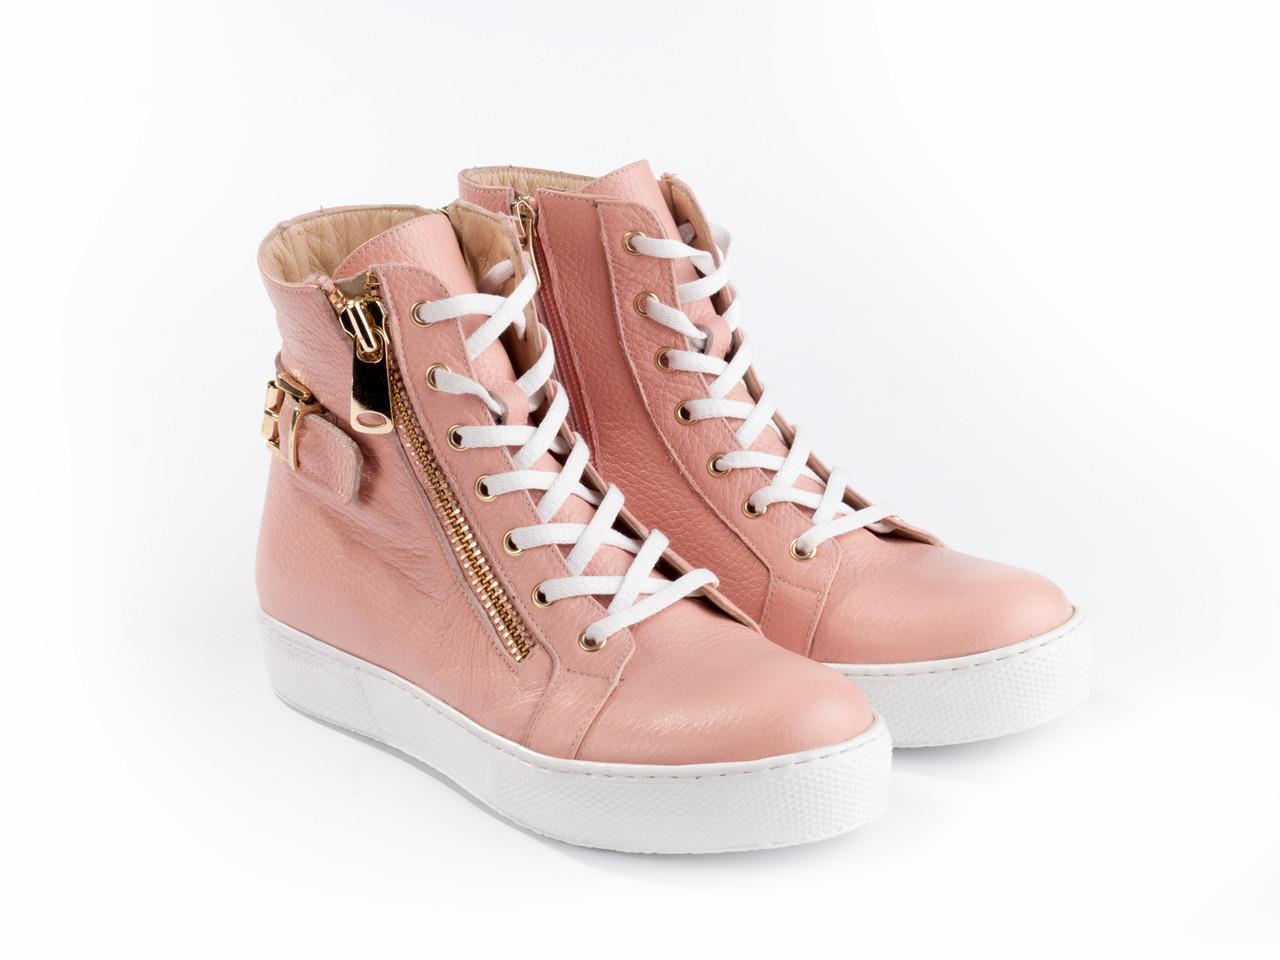 Ботинки Etor 4481-32-374-3011 39 розовые